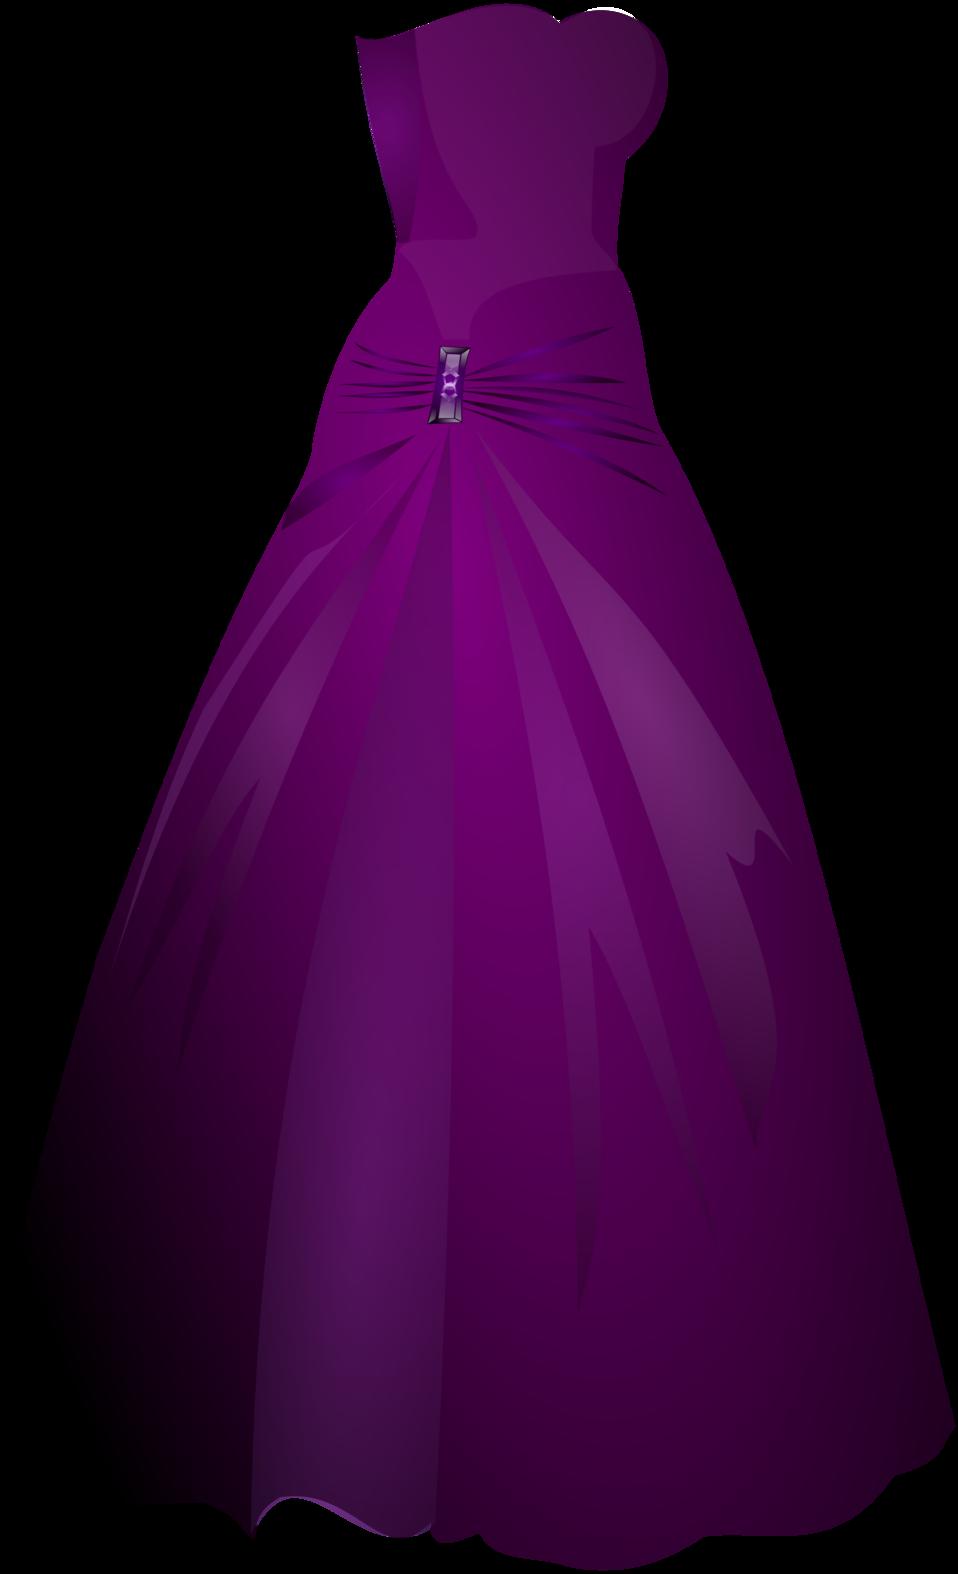 jpg transparent library Public domain clip art. Gown clipart violet dress.